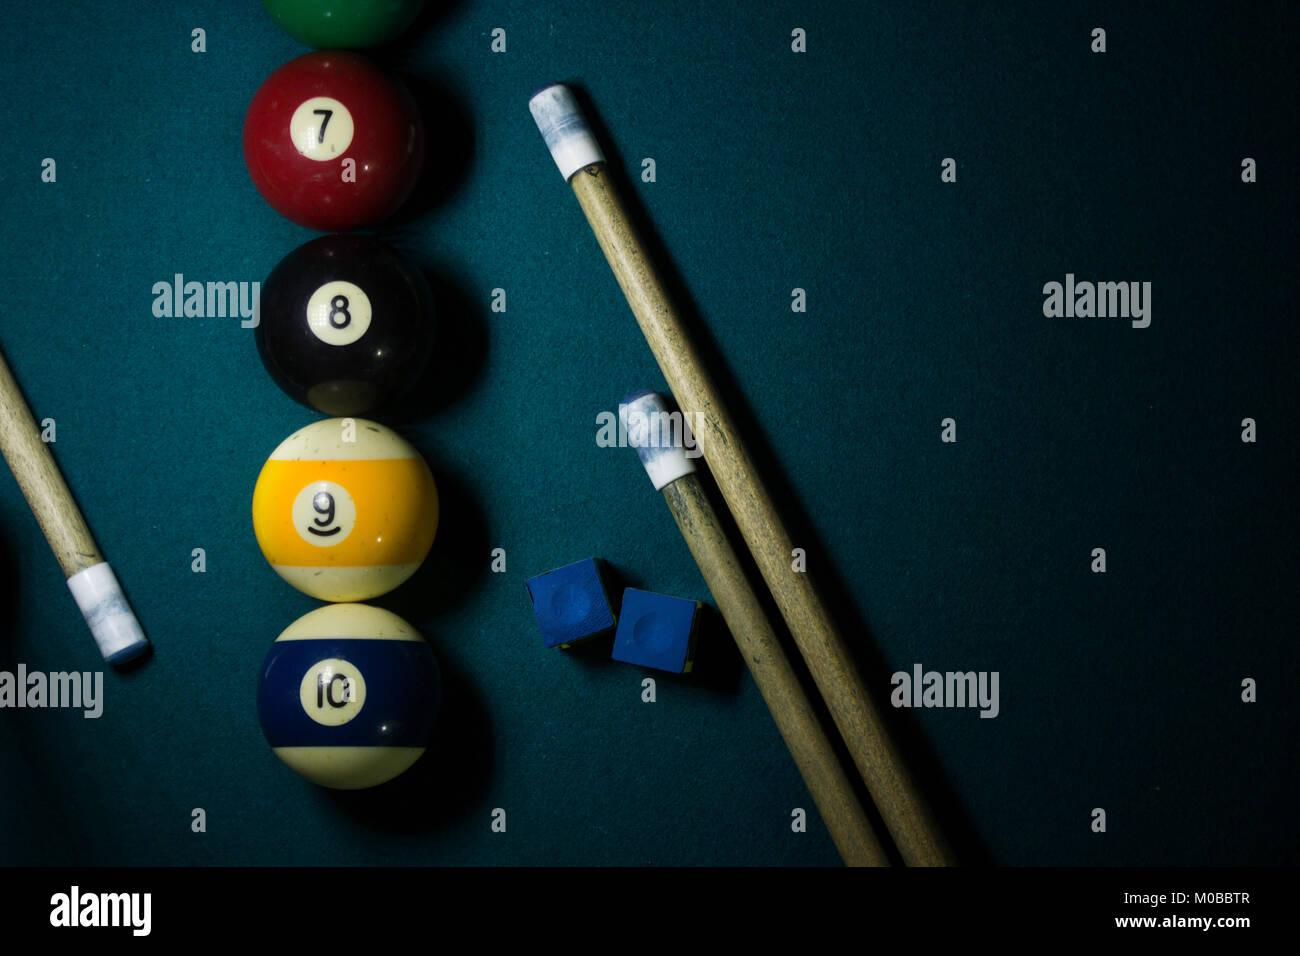 Tre bastoncini di cue, due i gessi per bigliardi e quattro palle da biliardo, otto palla da biliardo Immagini Stock